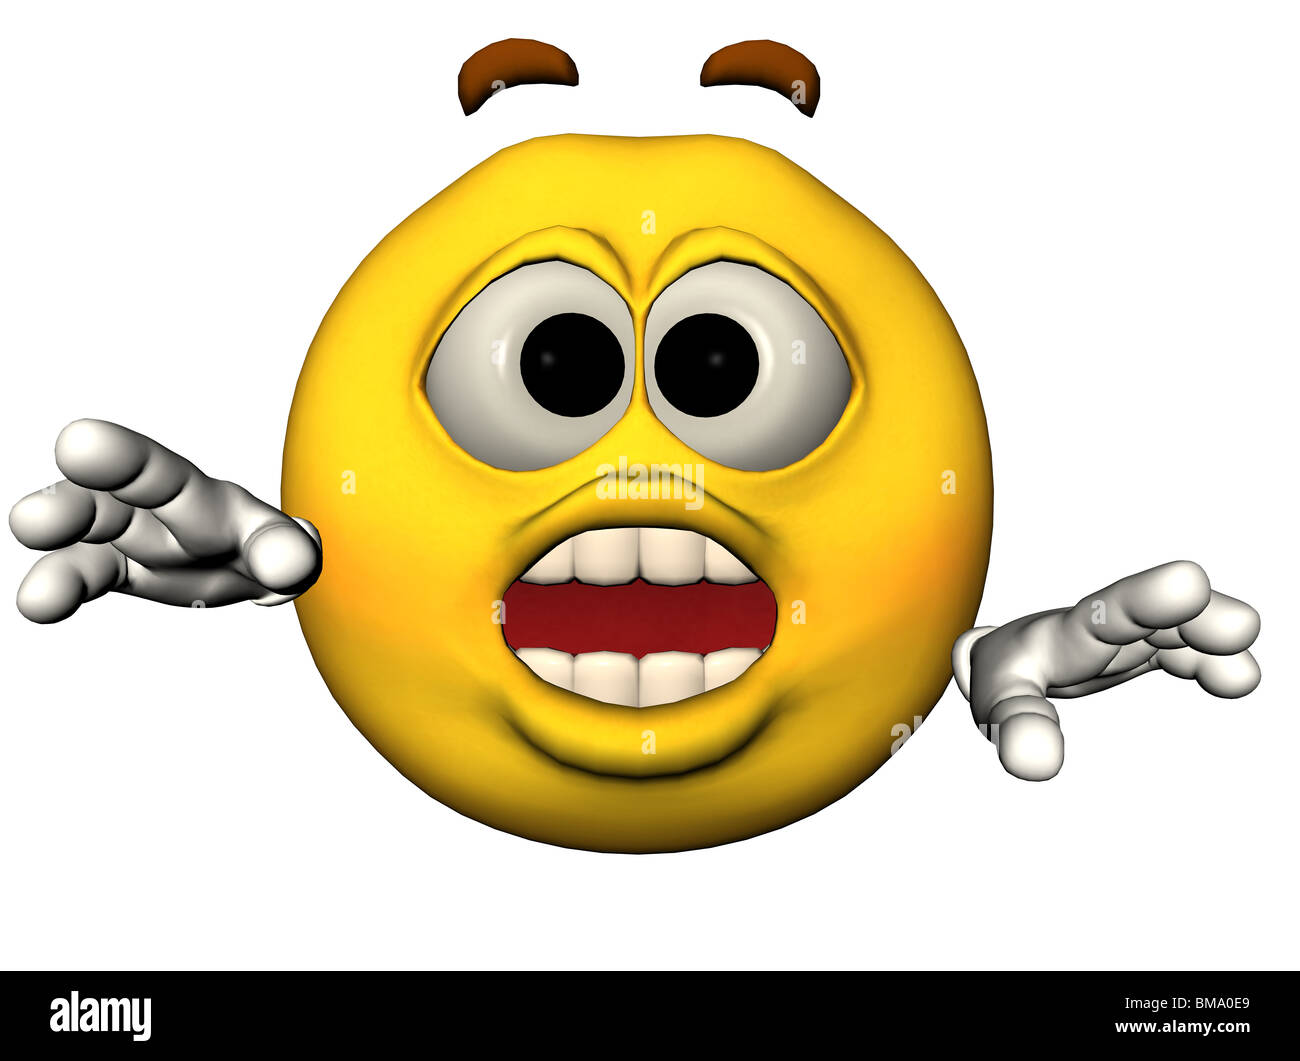 Ilustración 3D de un sorprendido emoticono Imagen De Stock